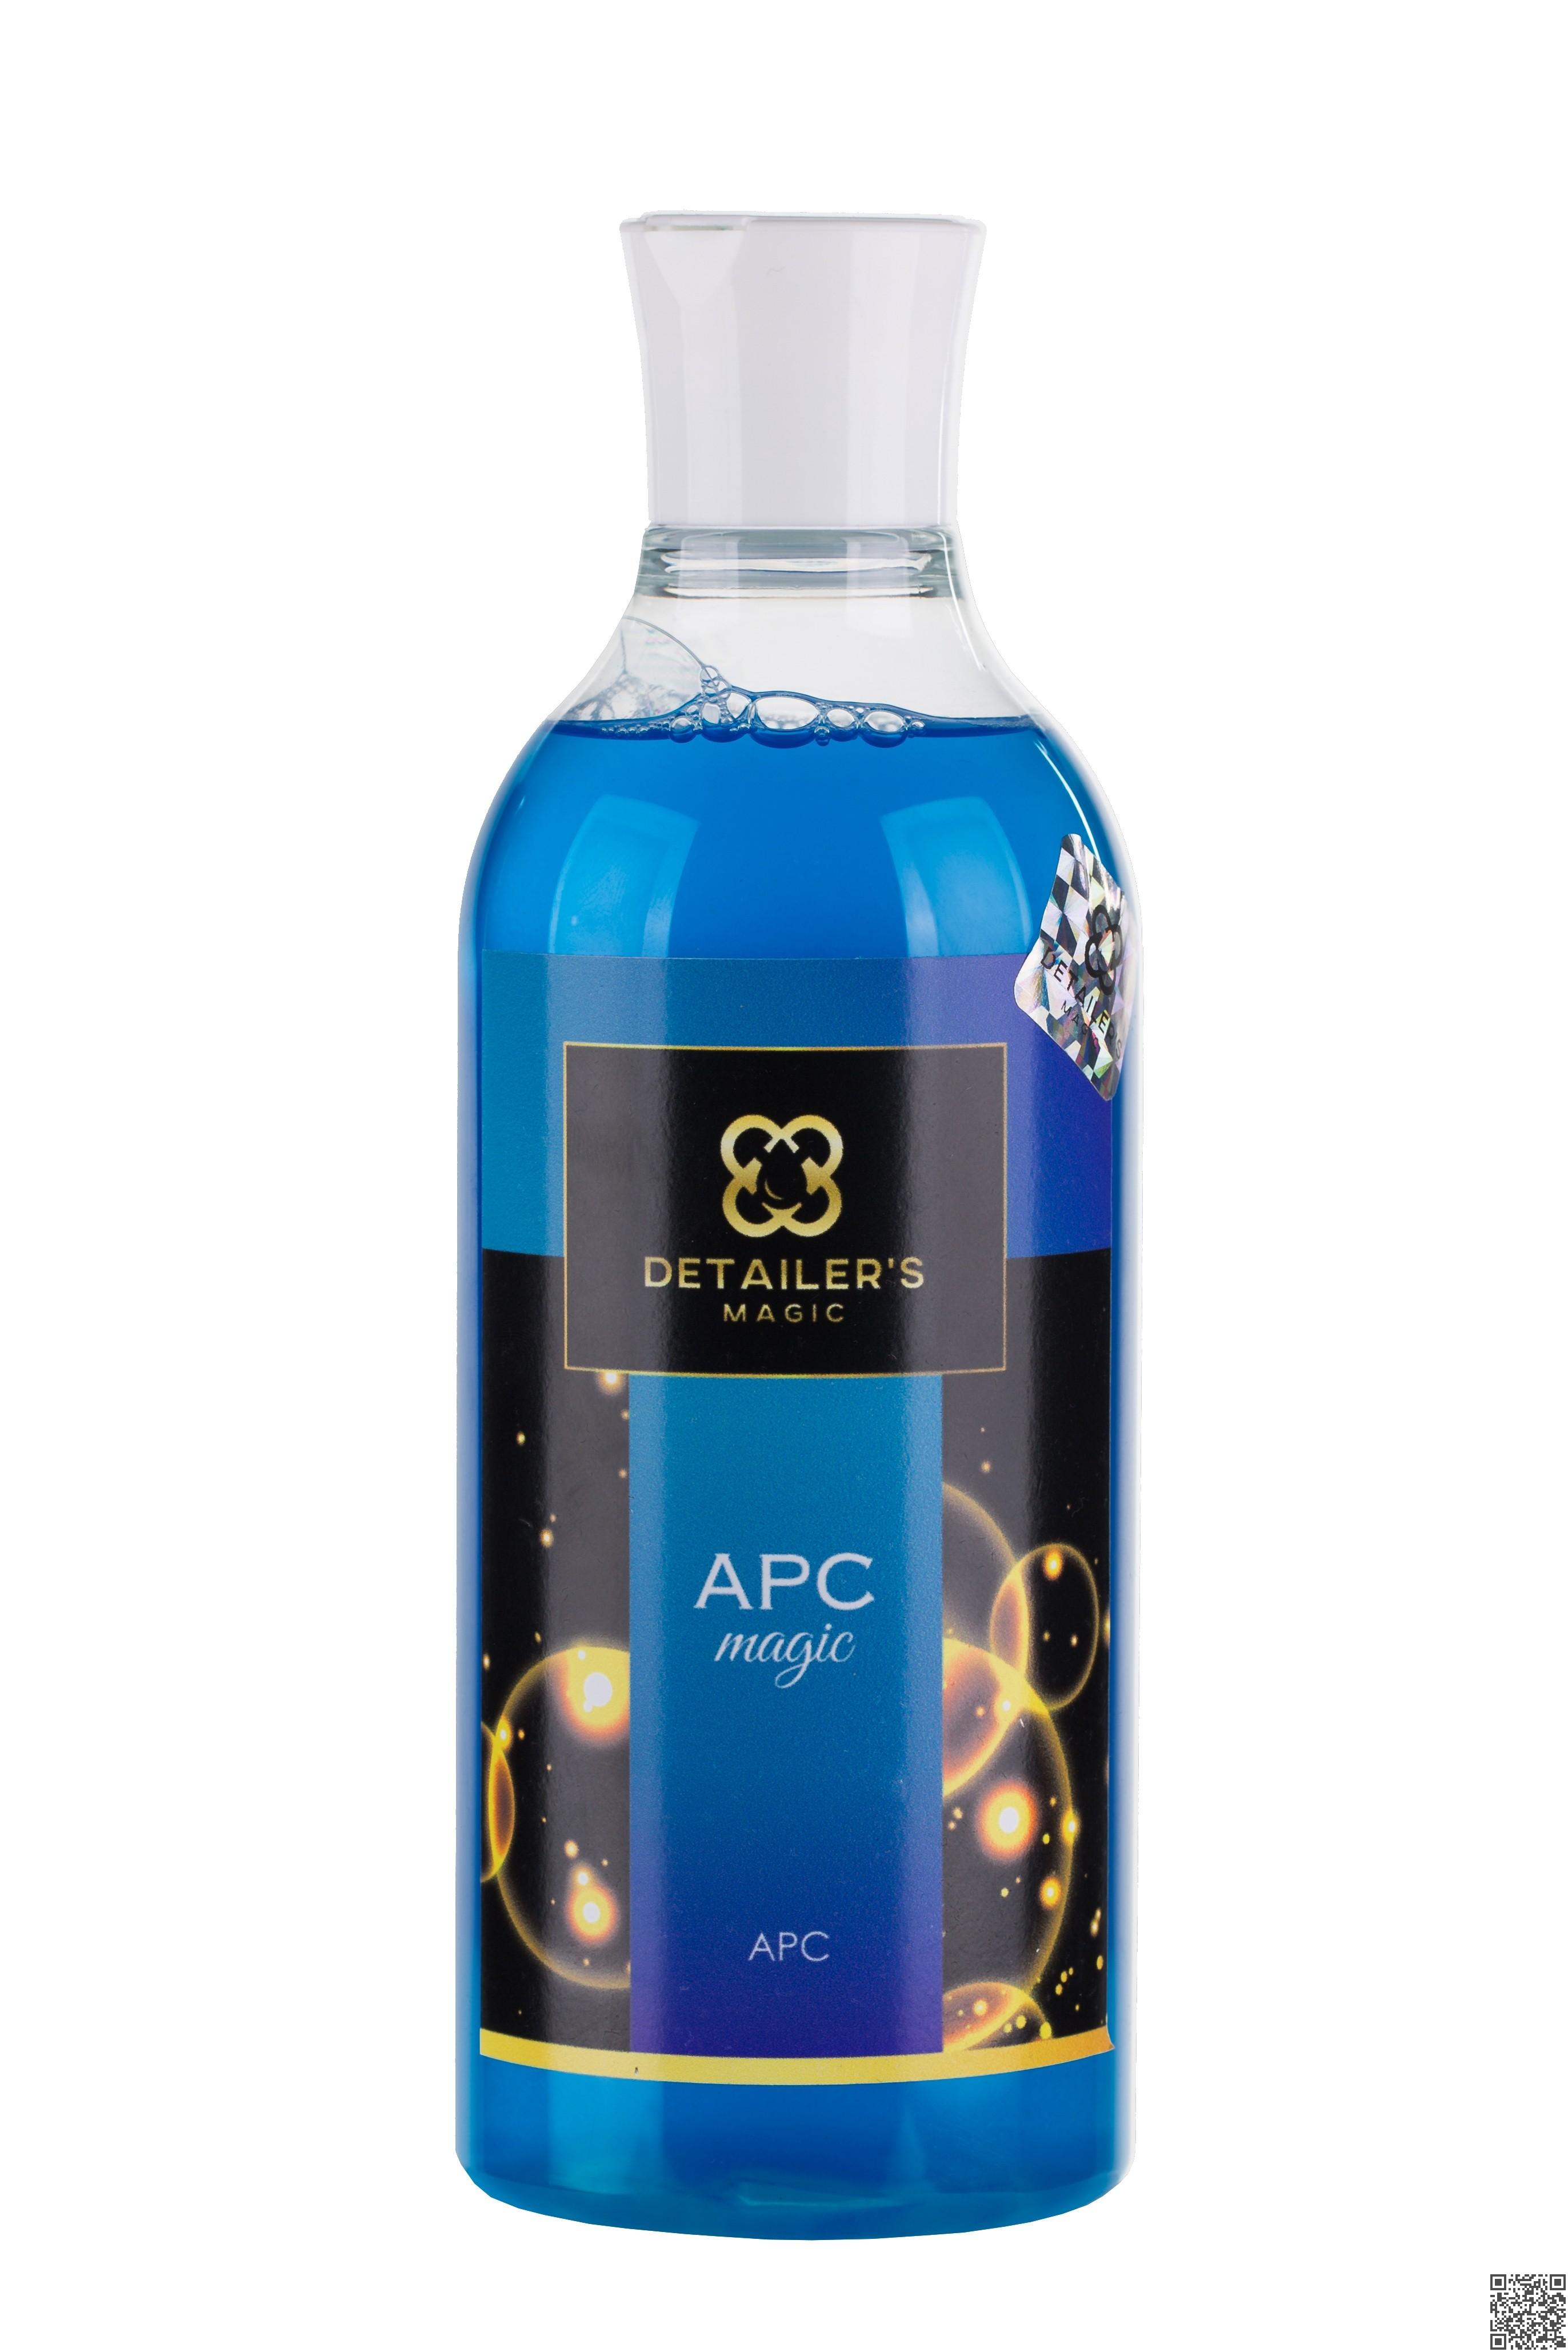 Detailer's Magic APC Magic